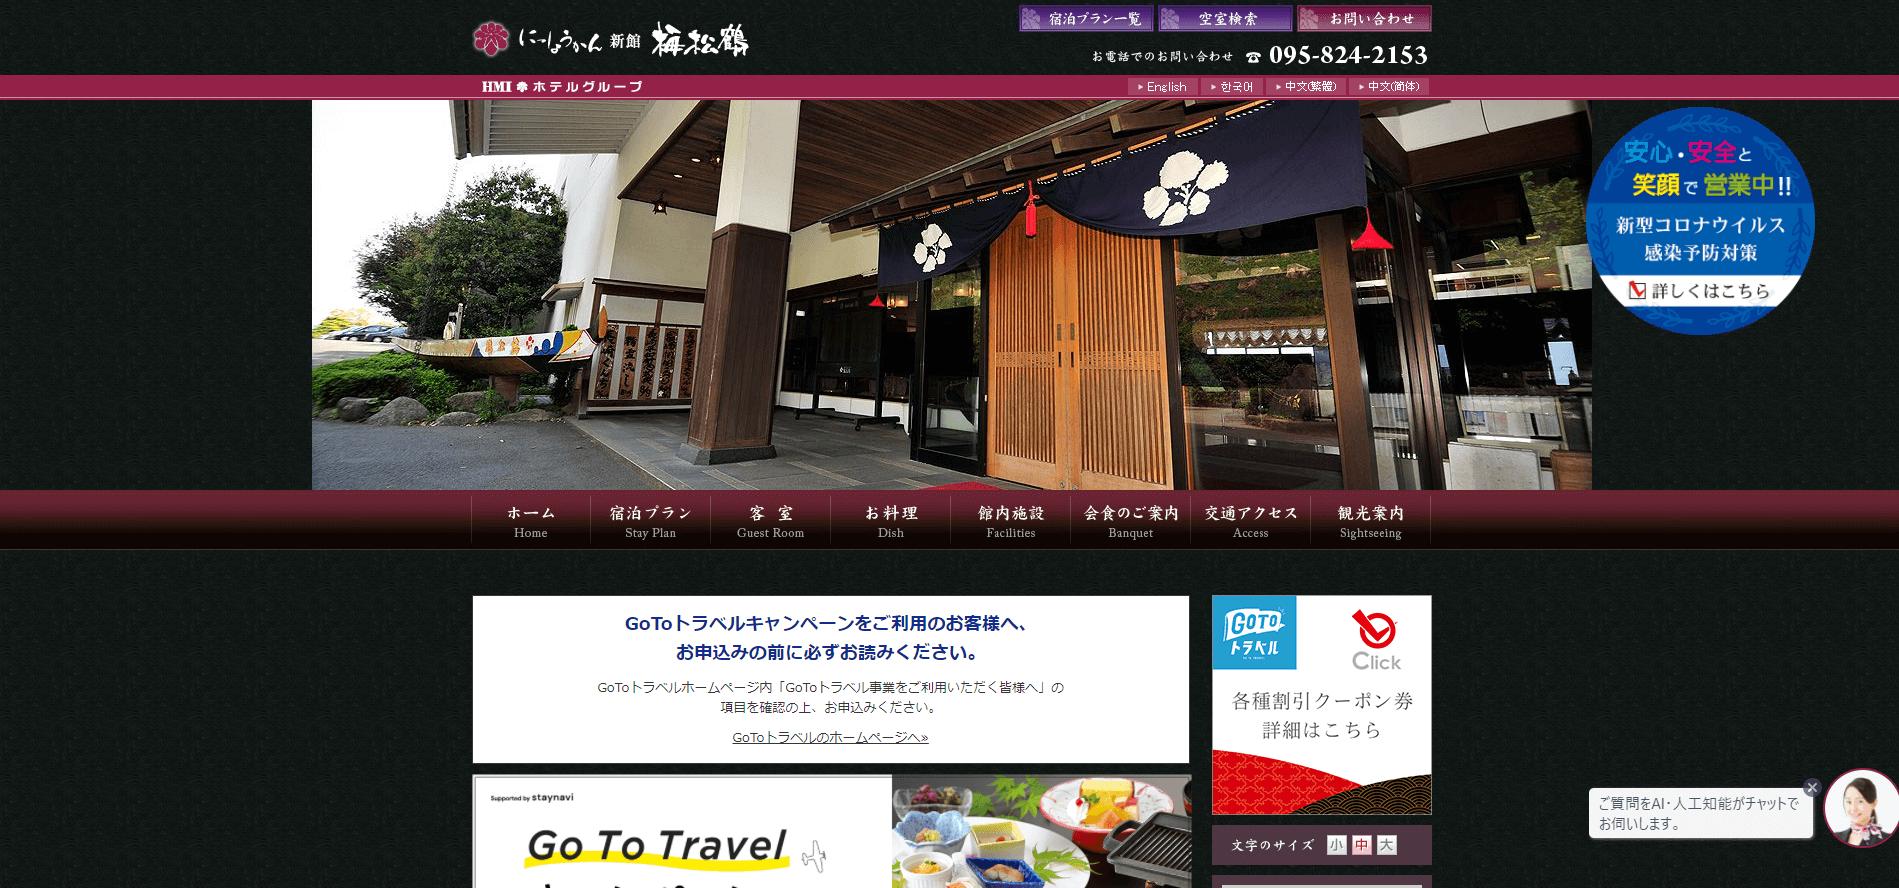 にっしょうかん新館 梅松鶴の画像1